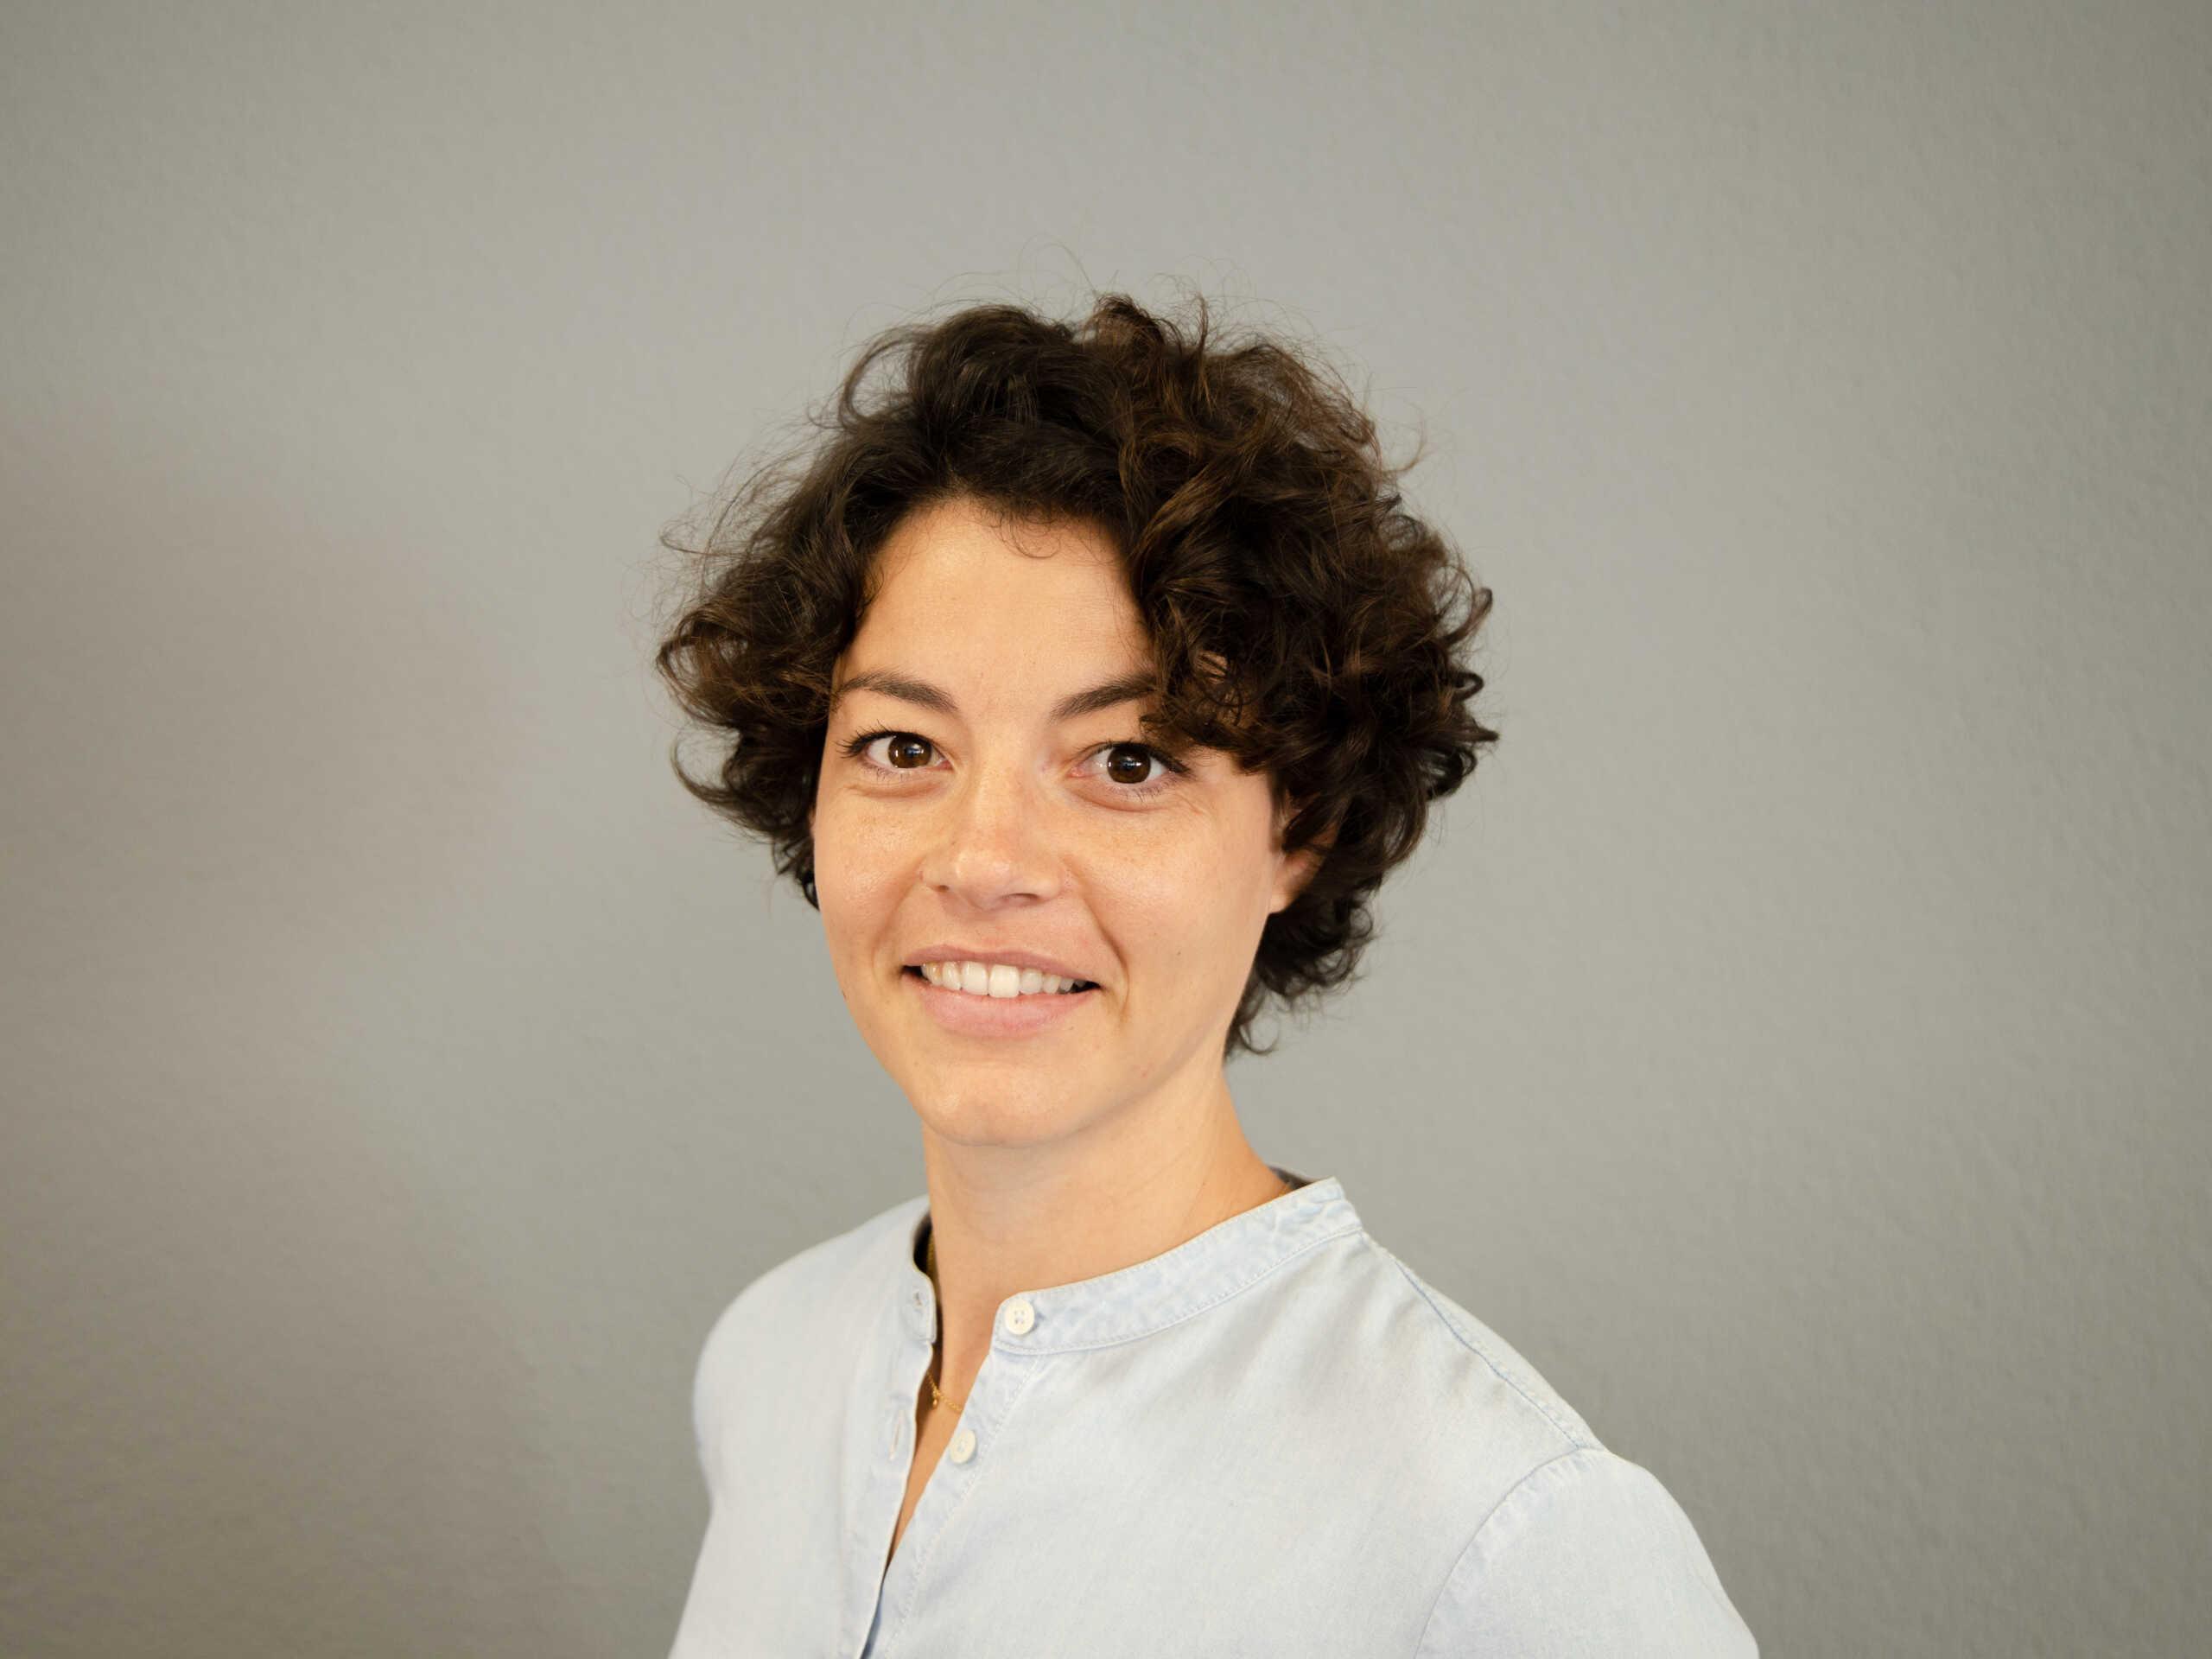 Lara Baumann